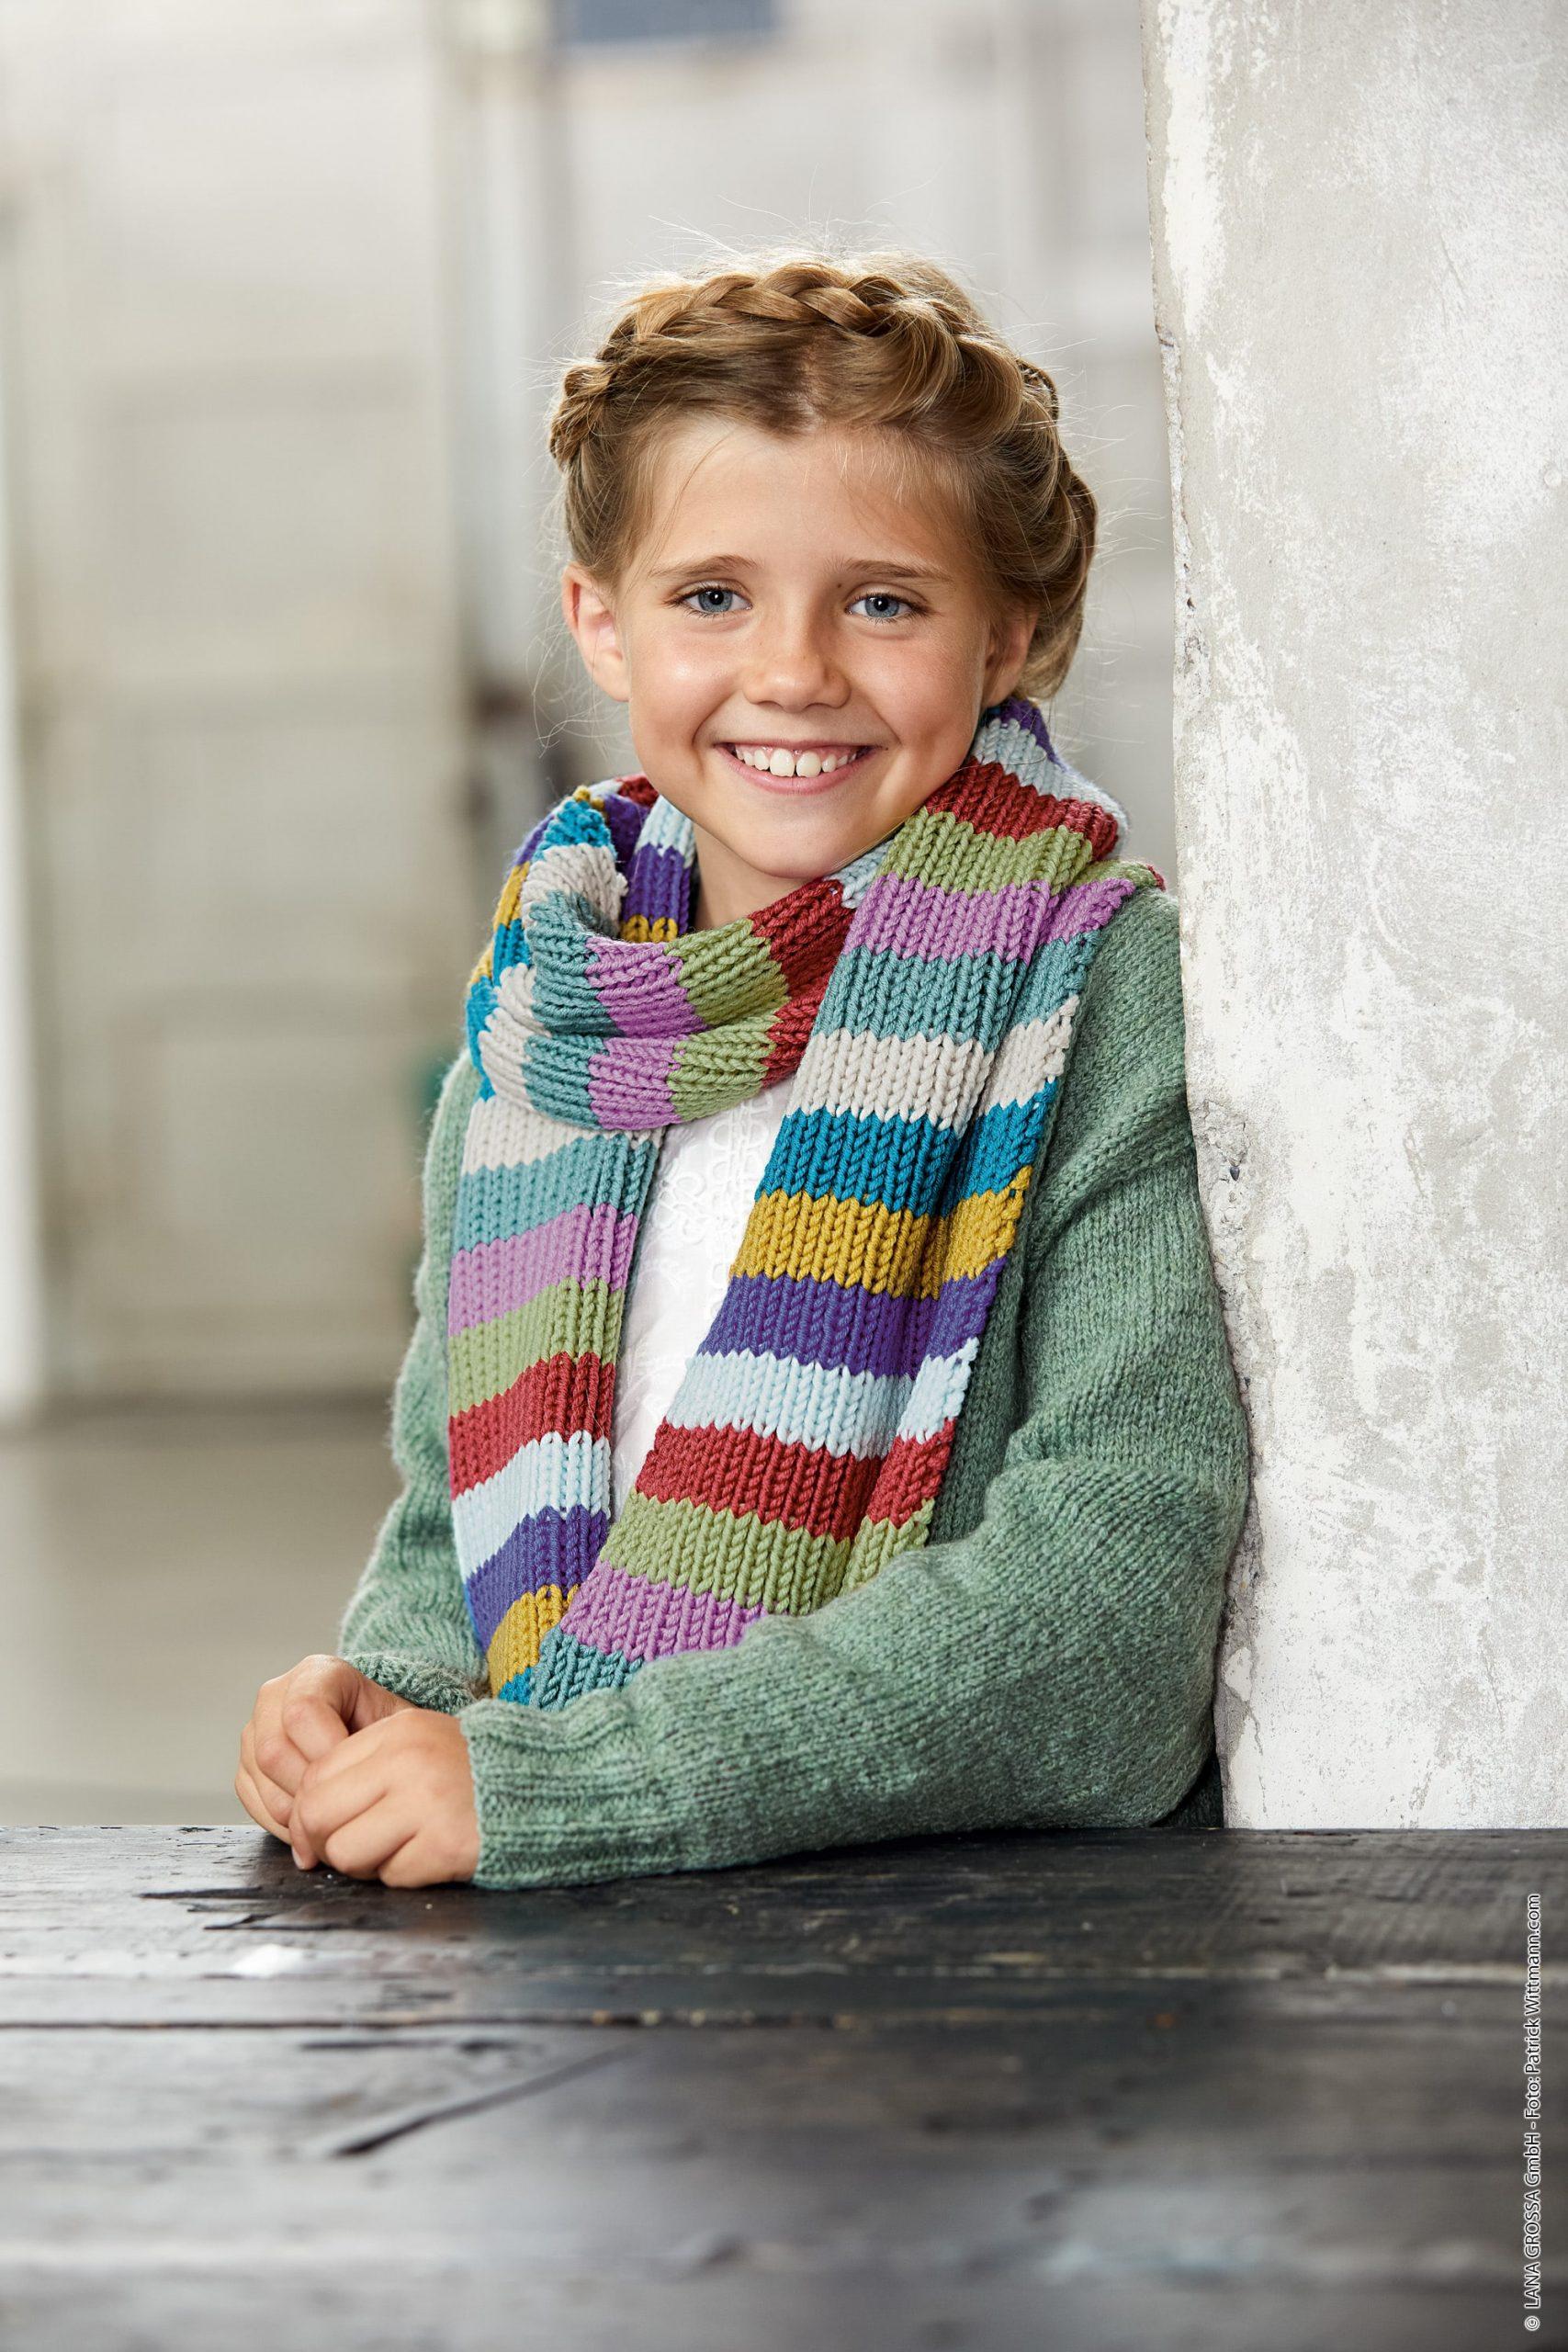 Modello di sciarpa ai ferri a fasce multicolori per bambini Lana Grossa Bingo 28 - Fornasari Distribuzione